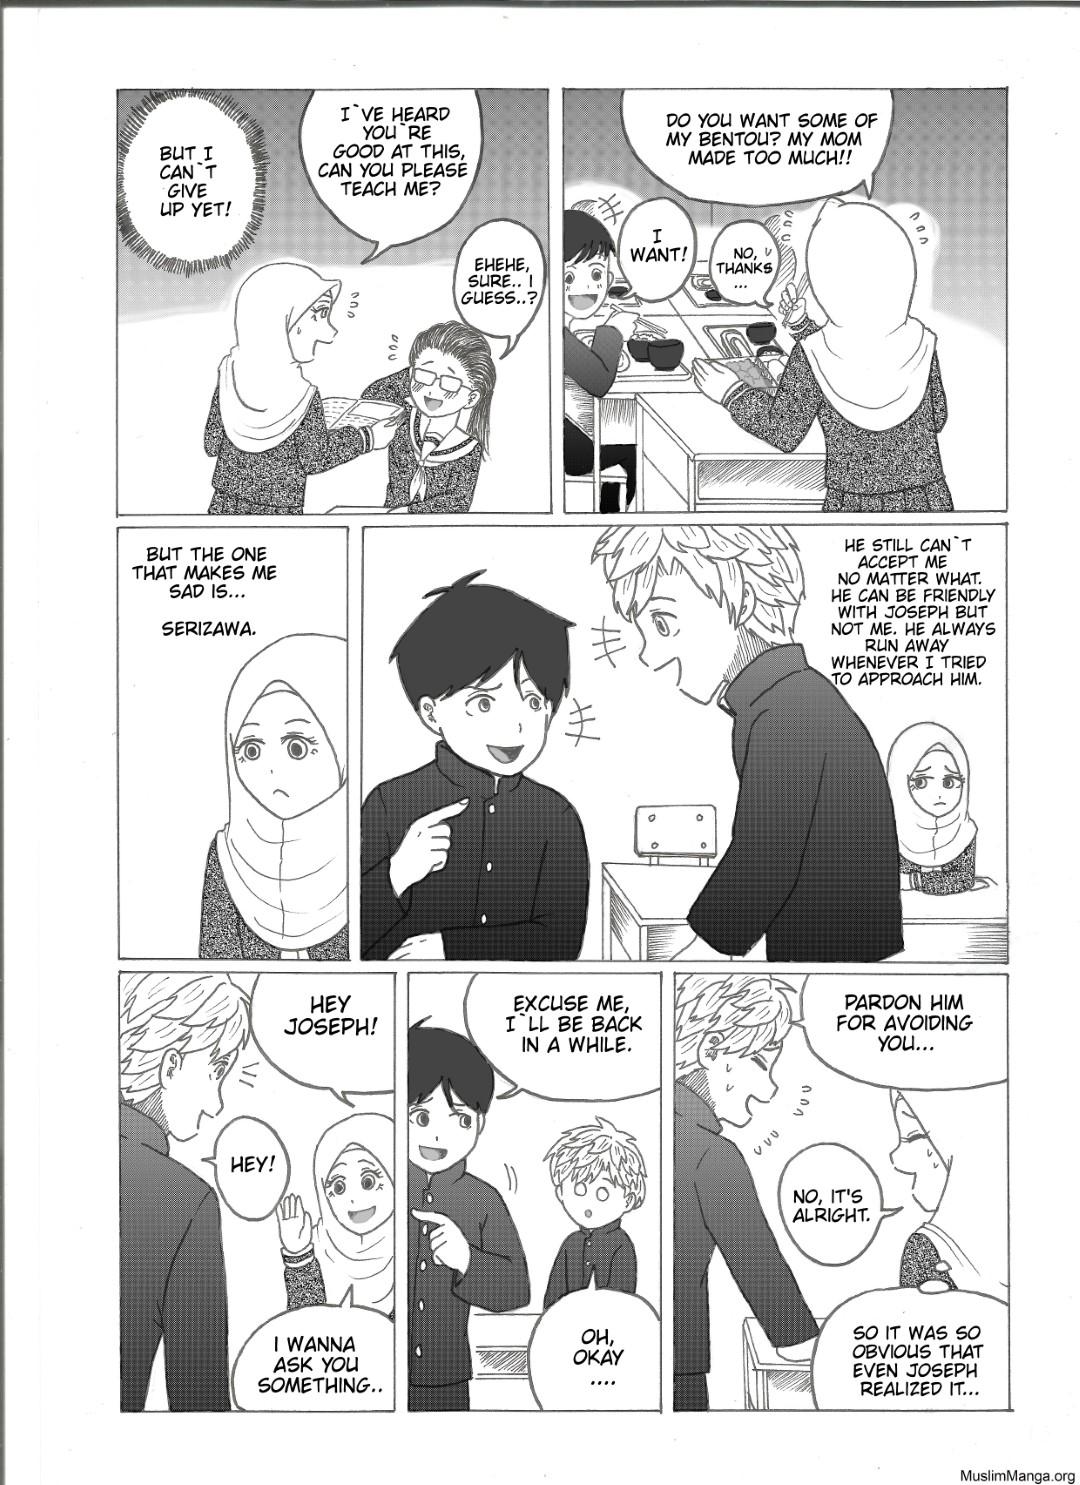 the hikmah 10